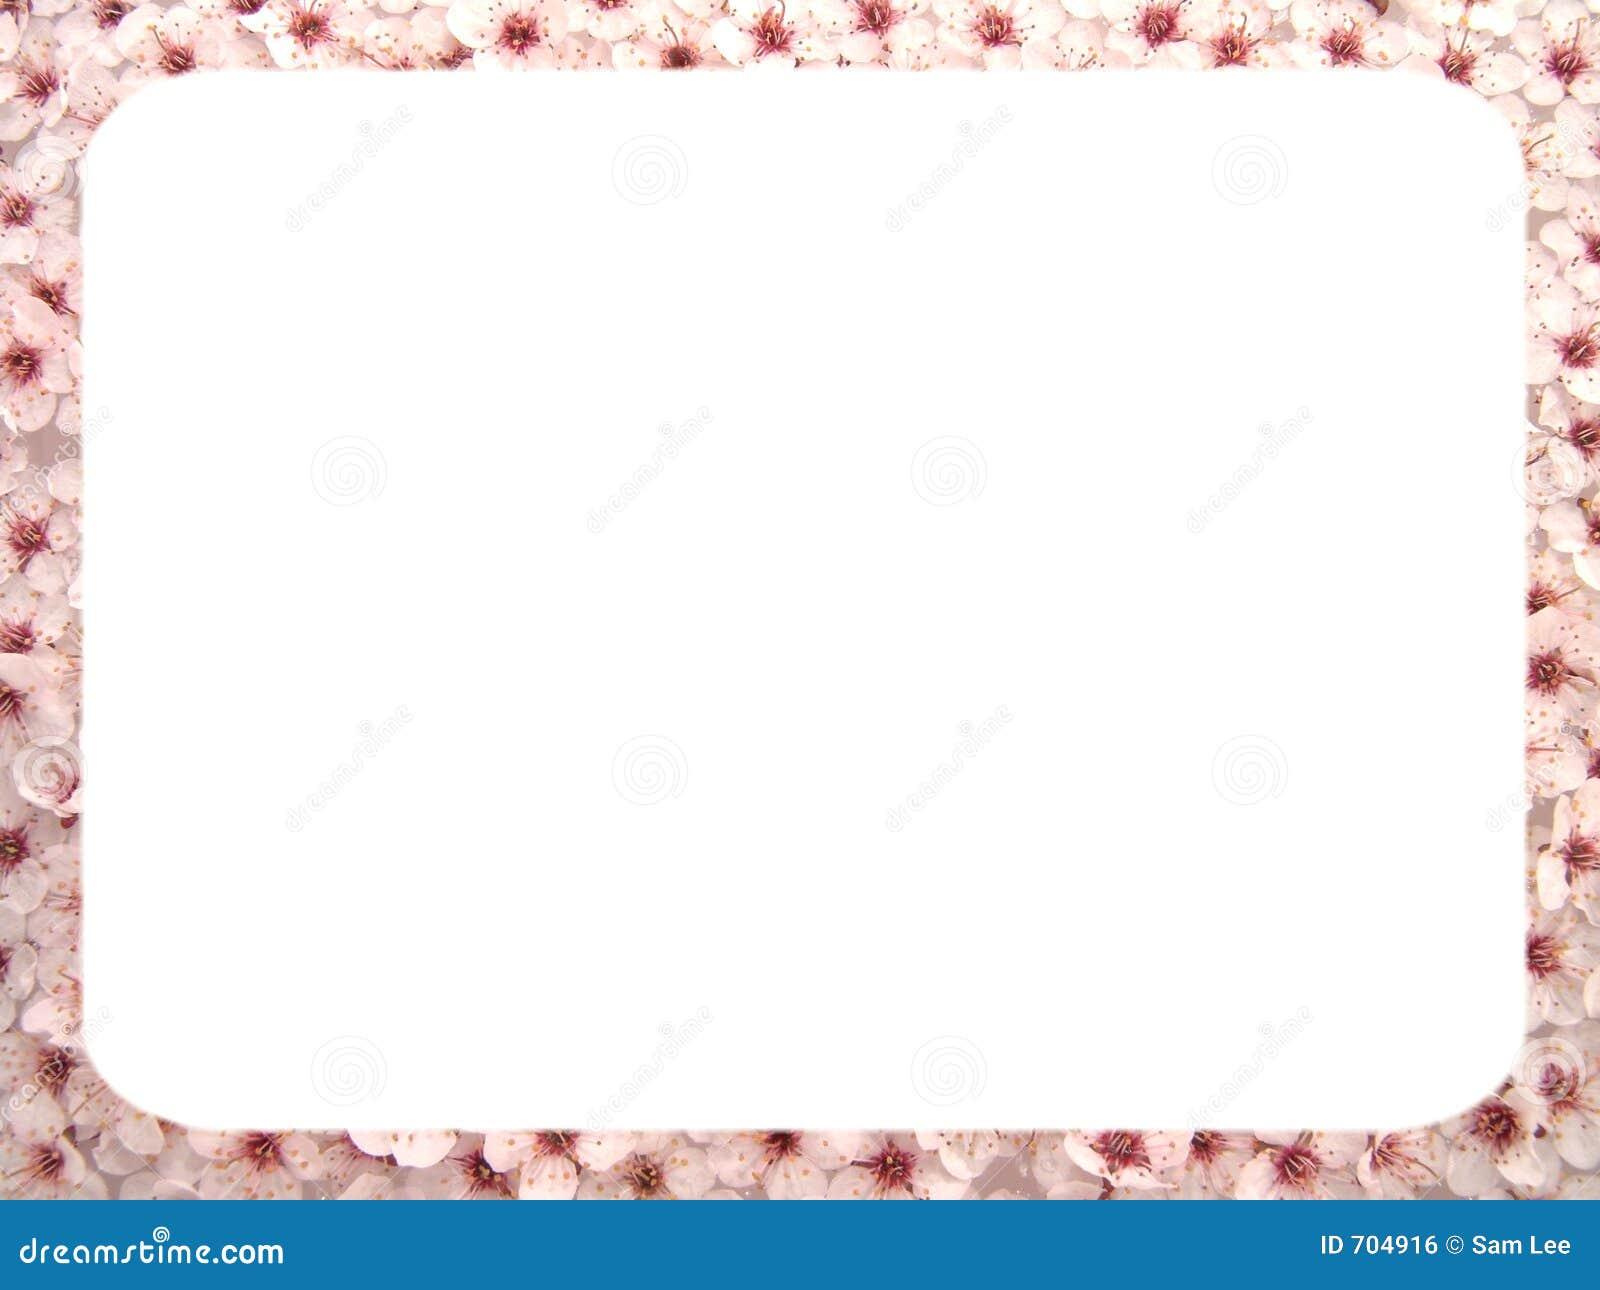 Plum Flowers Frame I Royalty Free Stock Image Image 704916